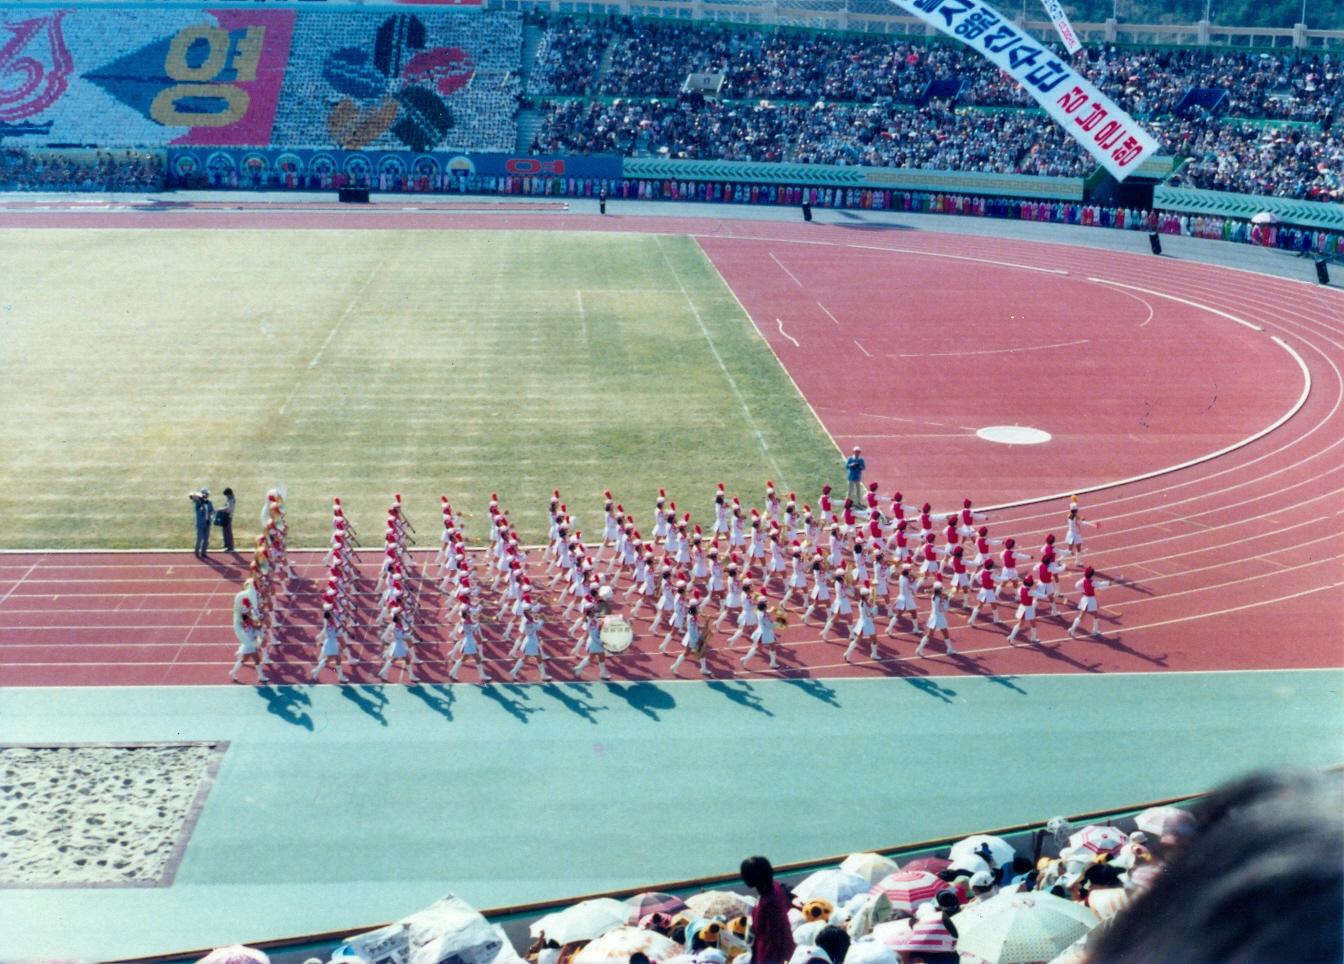 1982년 제 63회 전국체전 현장 사진